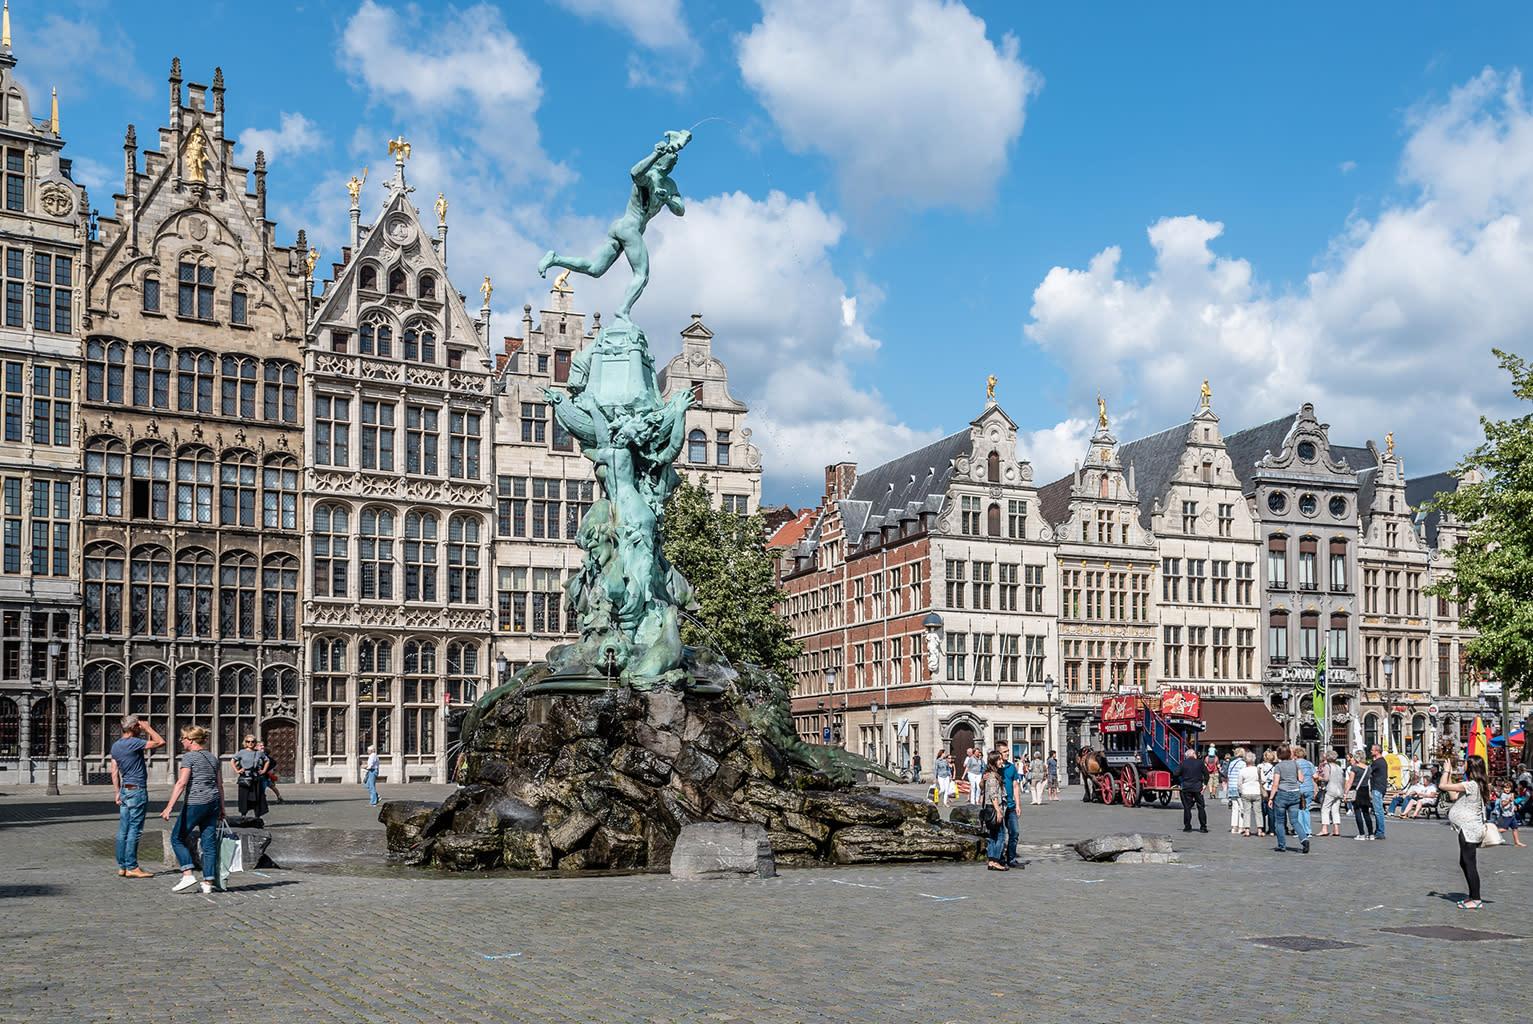 Worlds 50 Best Restaurants 2020.World S 50 Best Restaurants 2020 To Be Held In Flanders